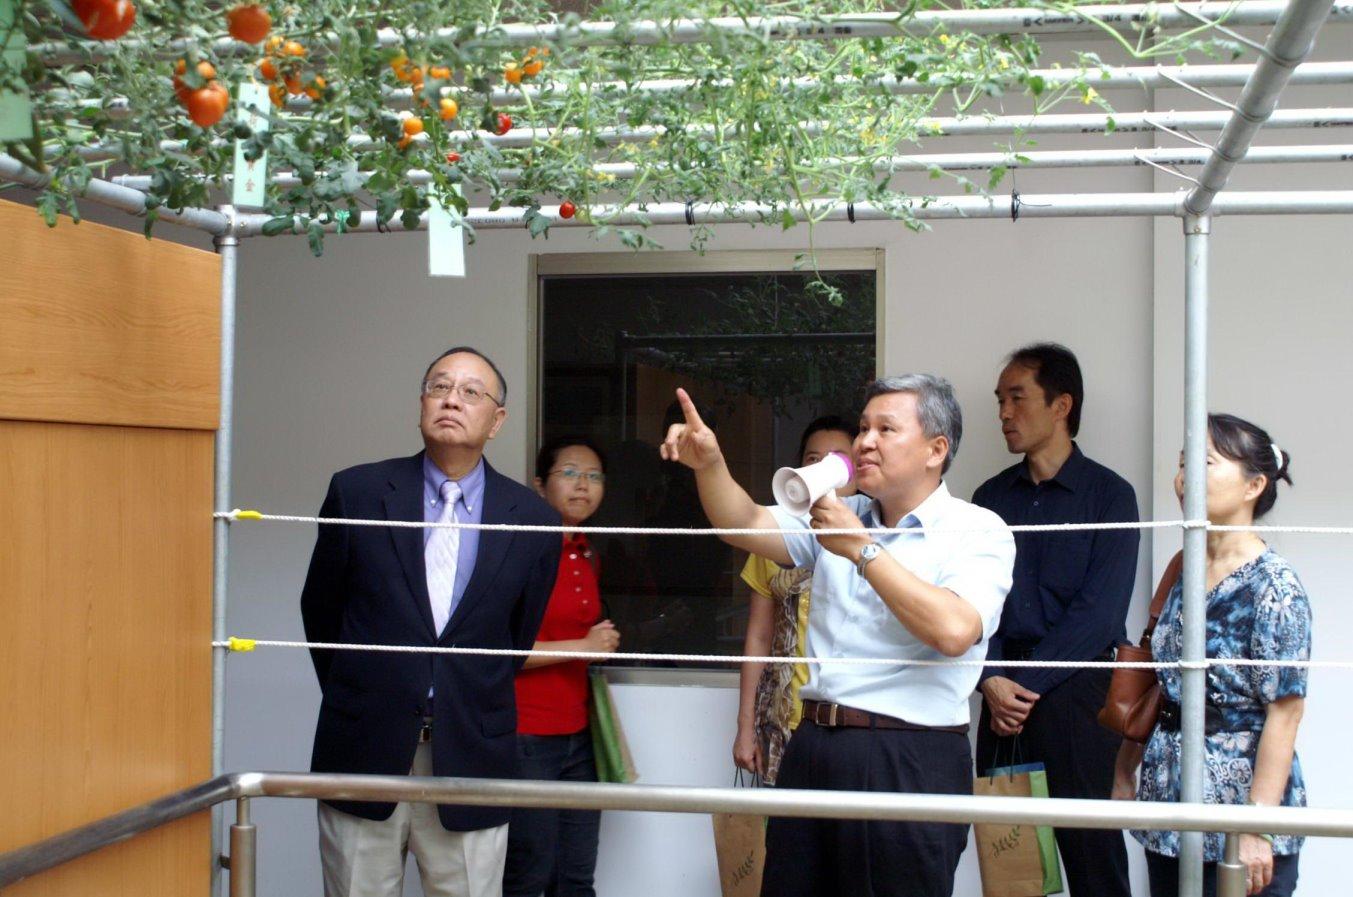 中原大學與新光合纖合力推動環保 樹立產學合作新典範